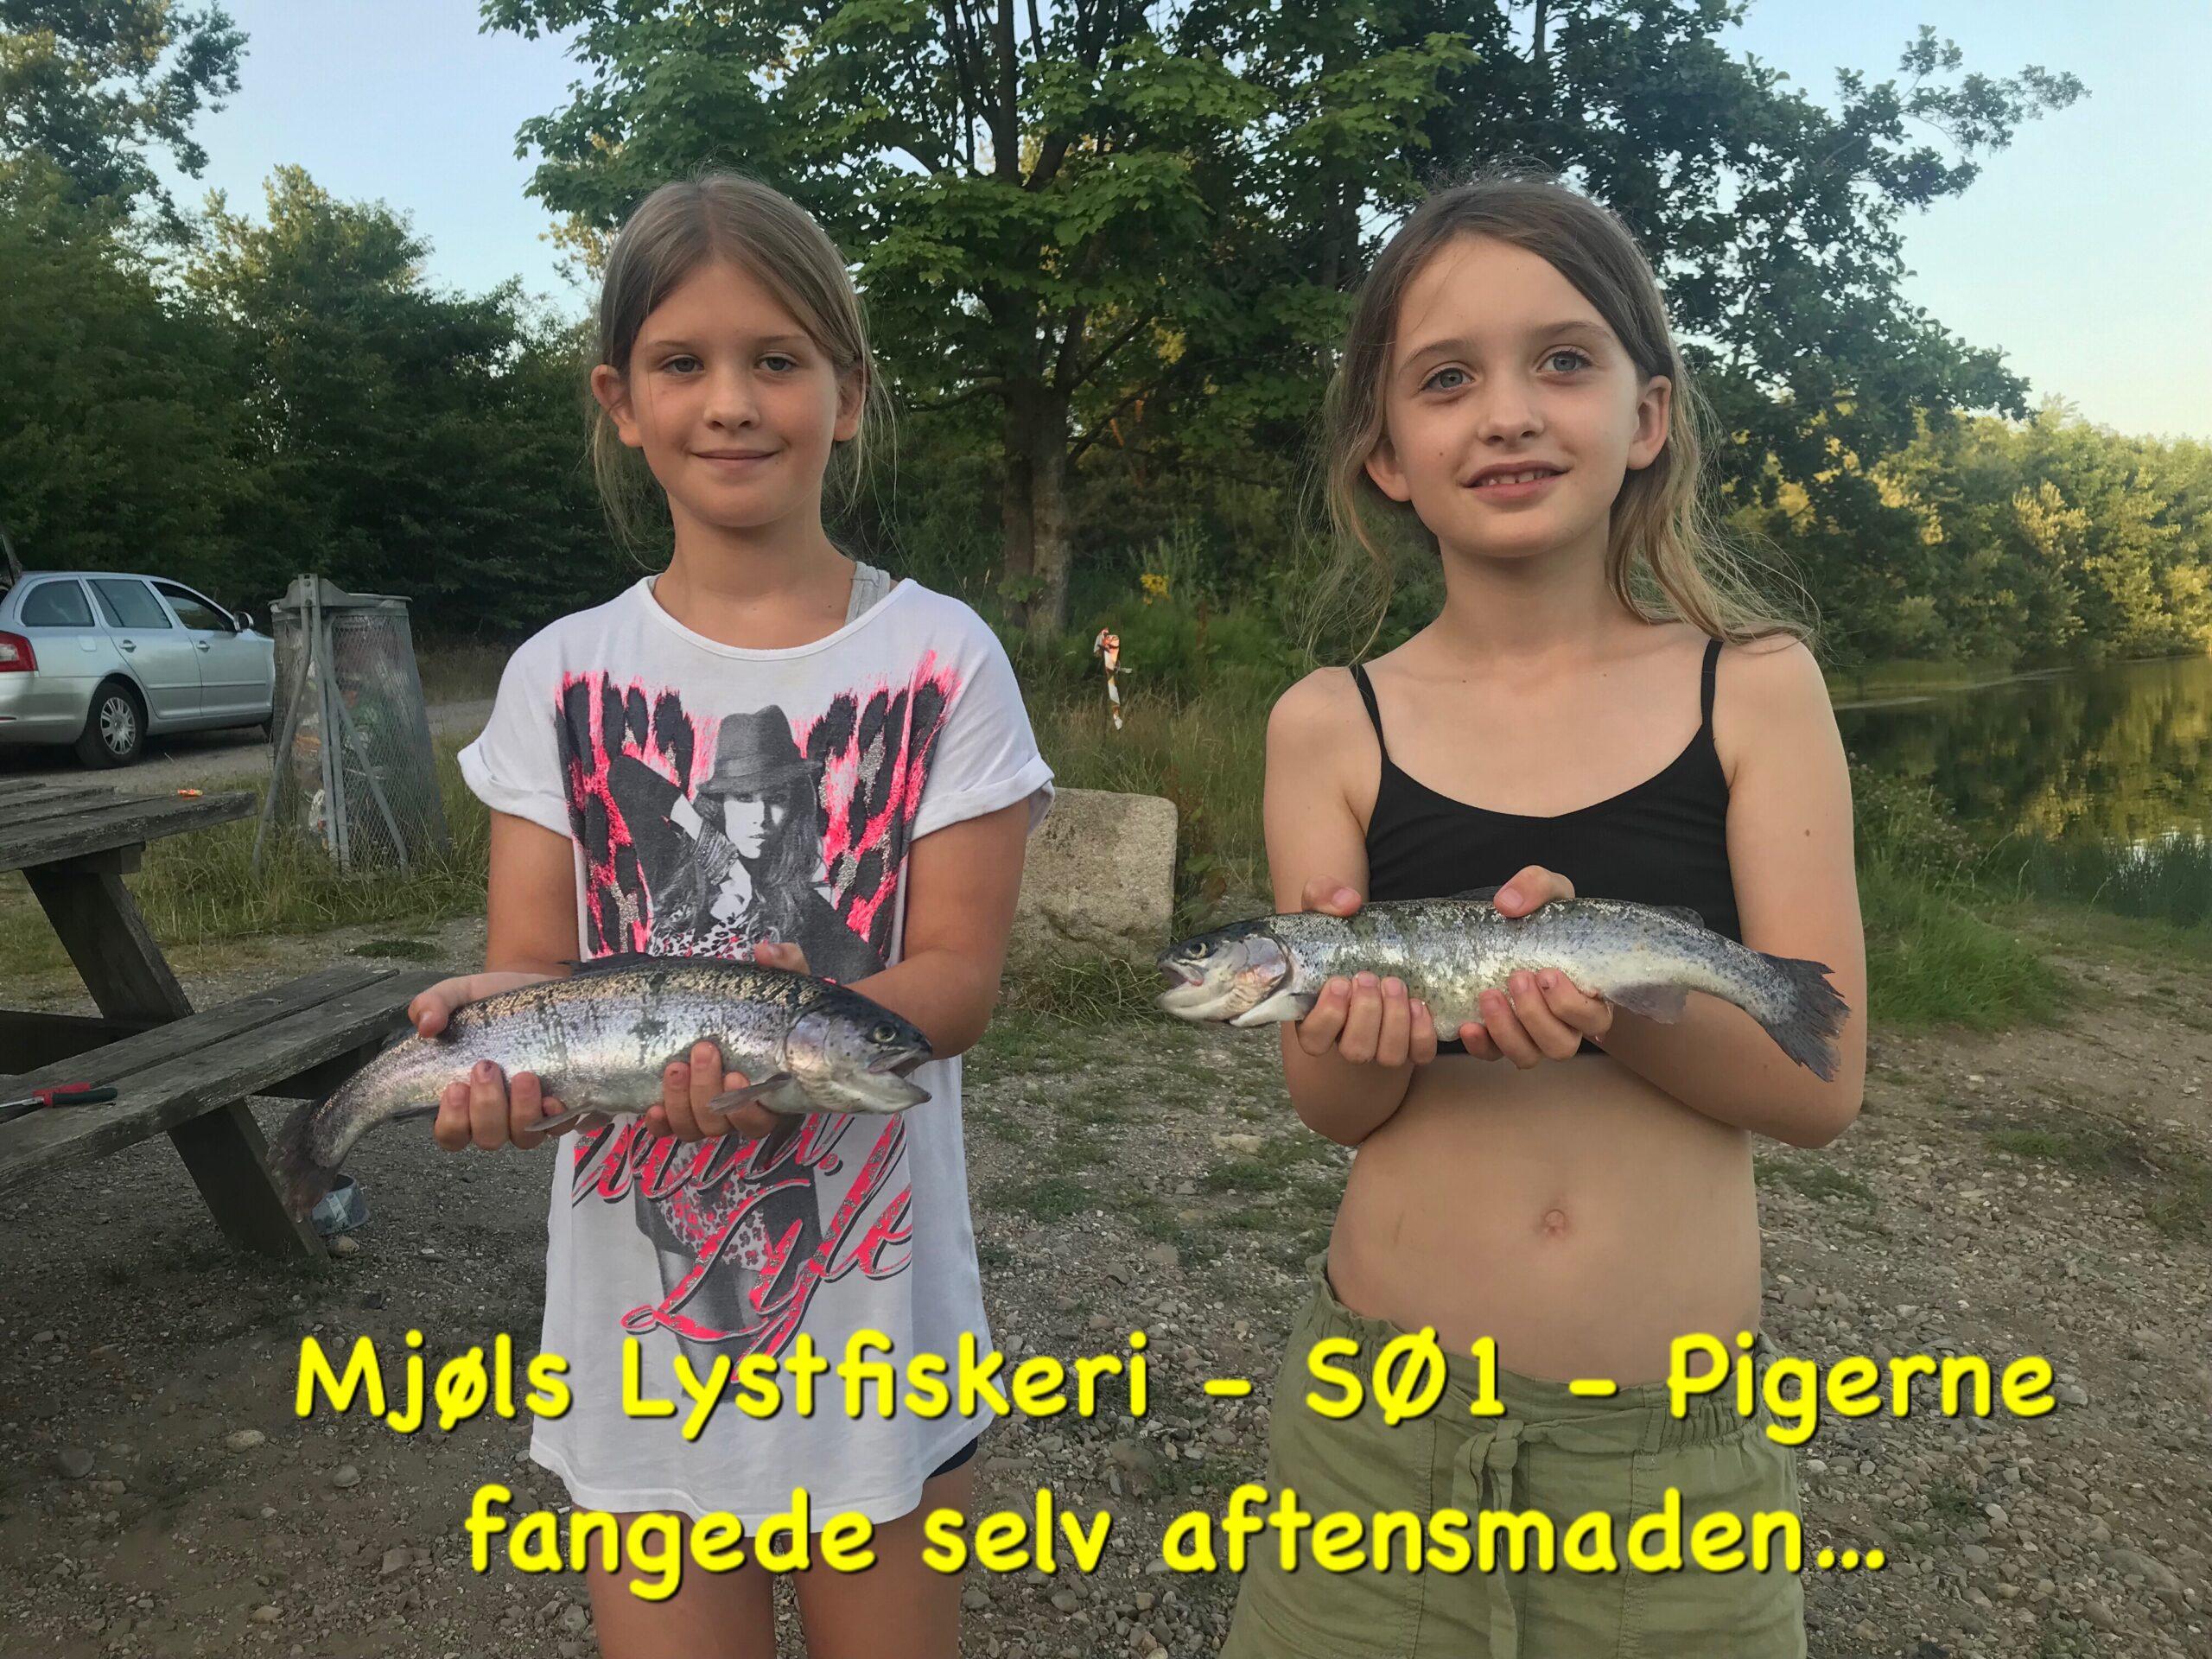 Mjøls Lystfiskeri – Pigerne fangede selv aftensmaden i SØ1 lørdag eftermiddag